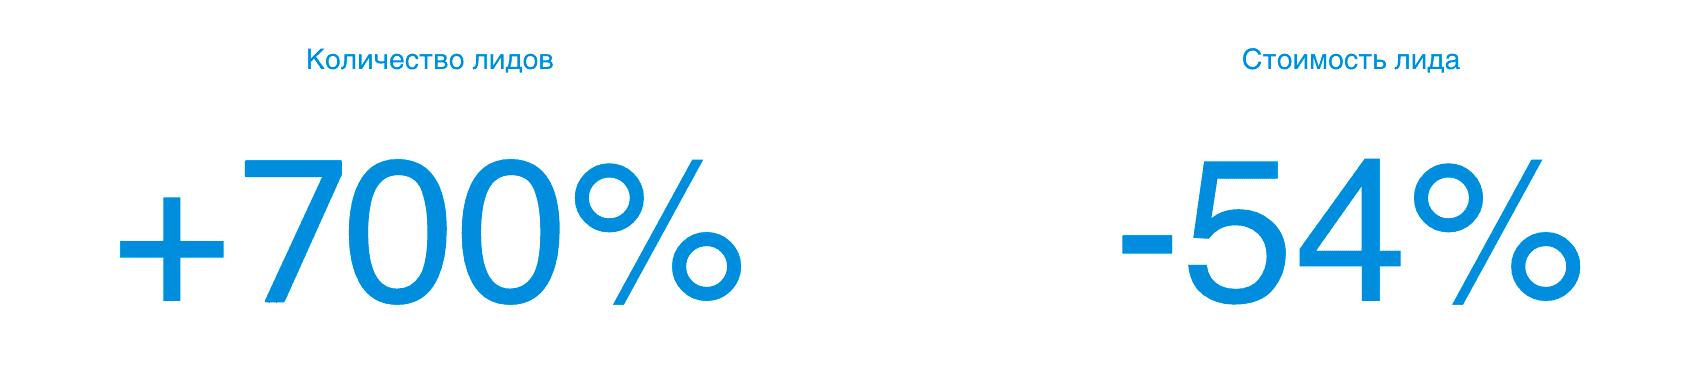 В результате количество обращений выросло на 700%, а стоимость снизилась на 54%